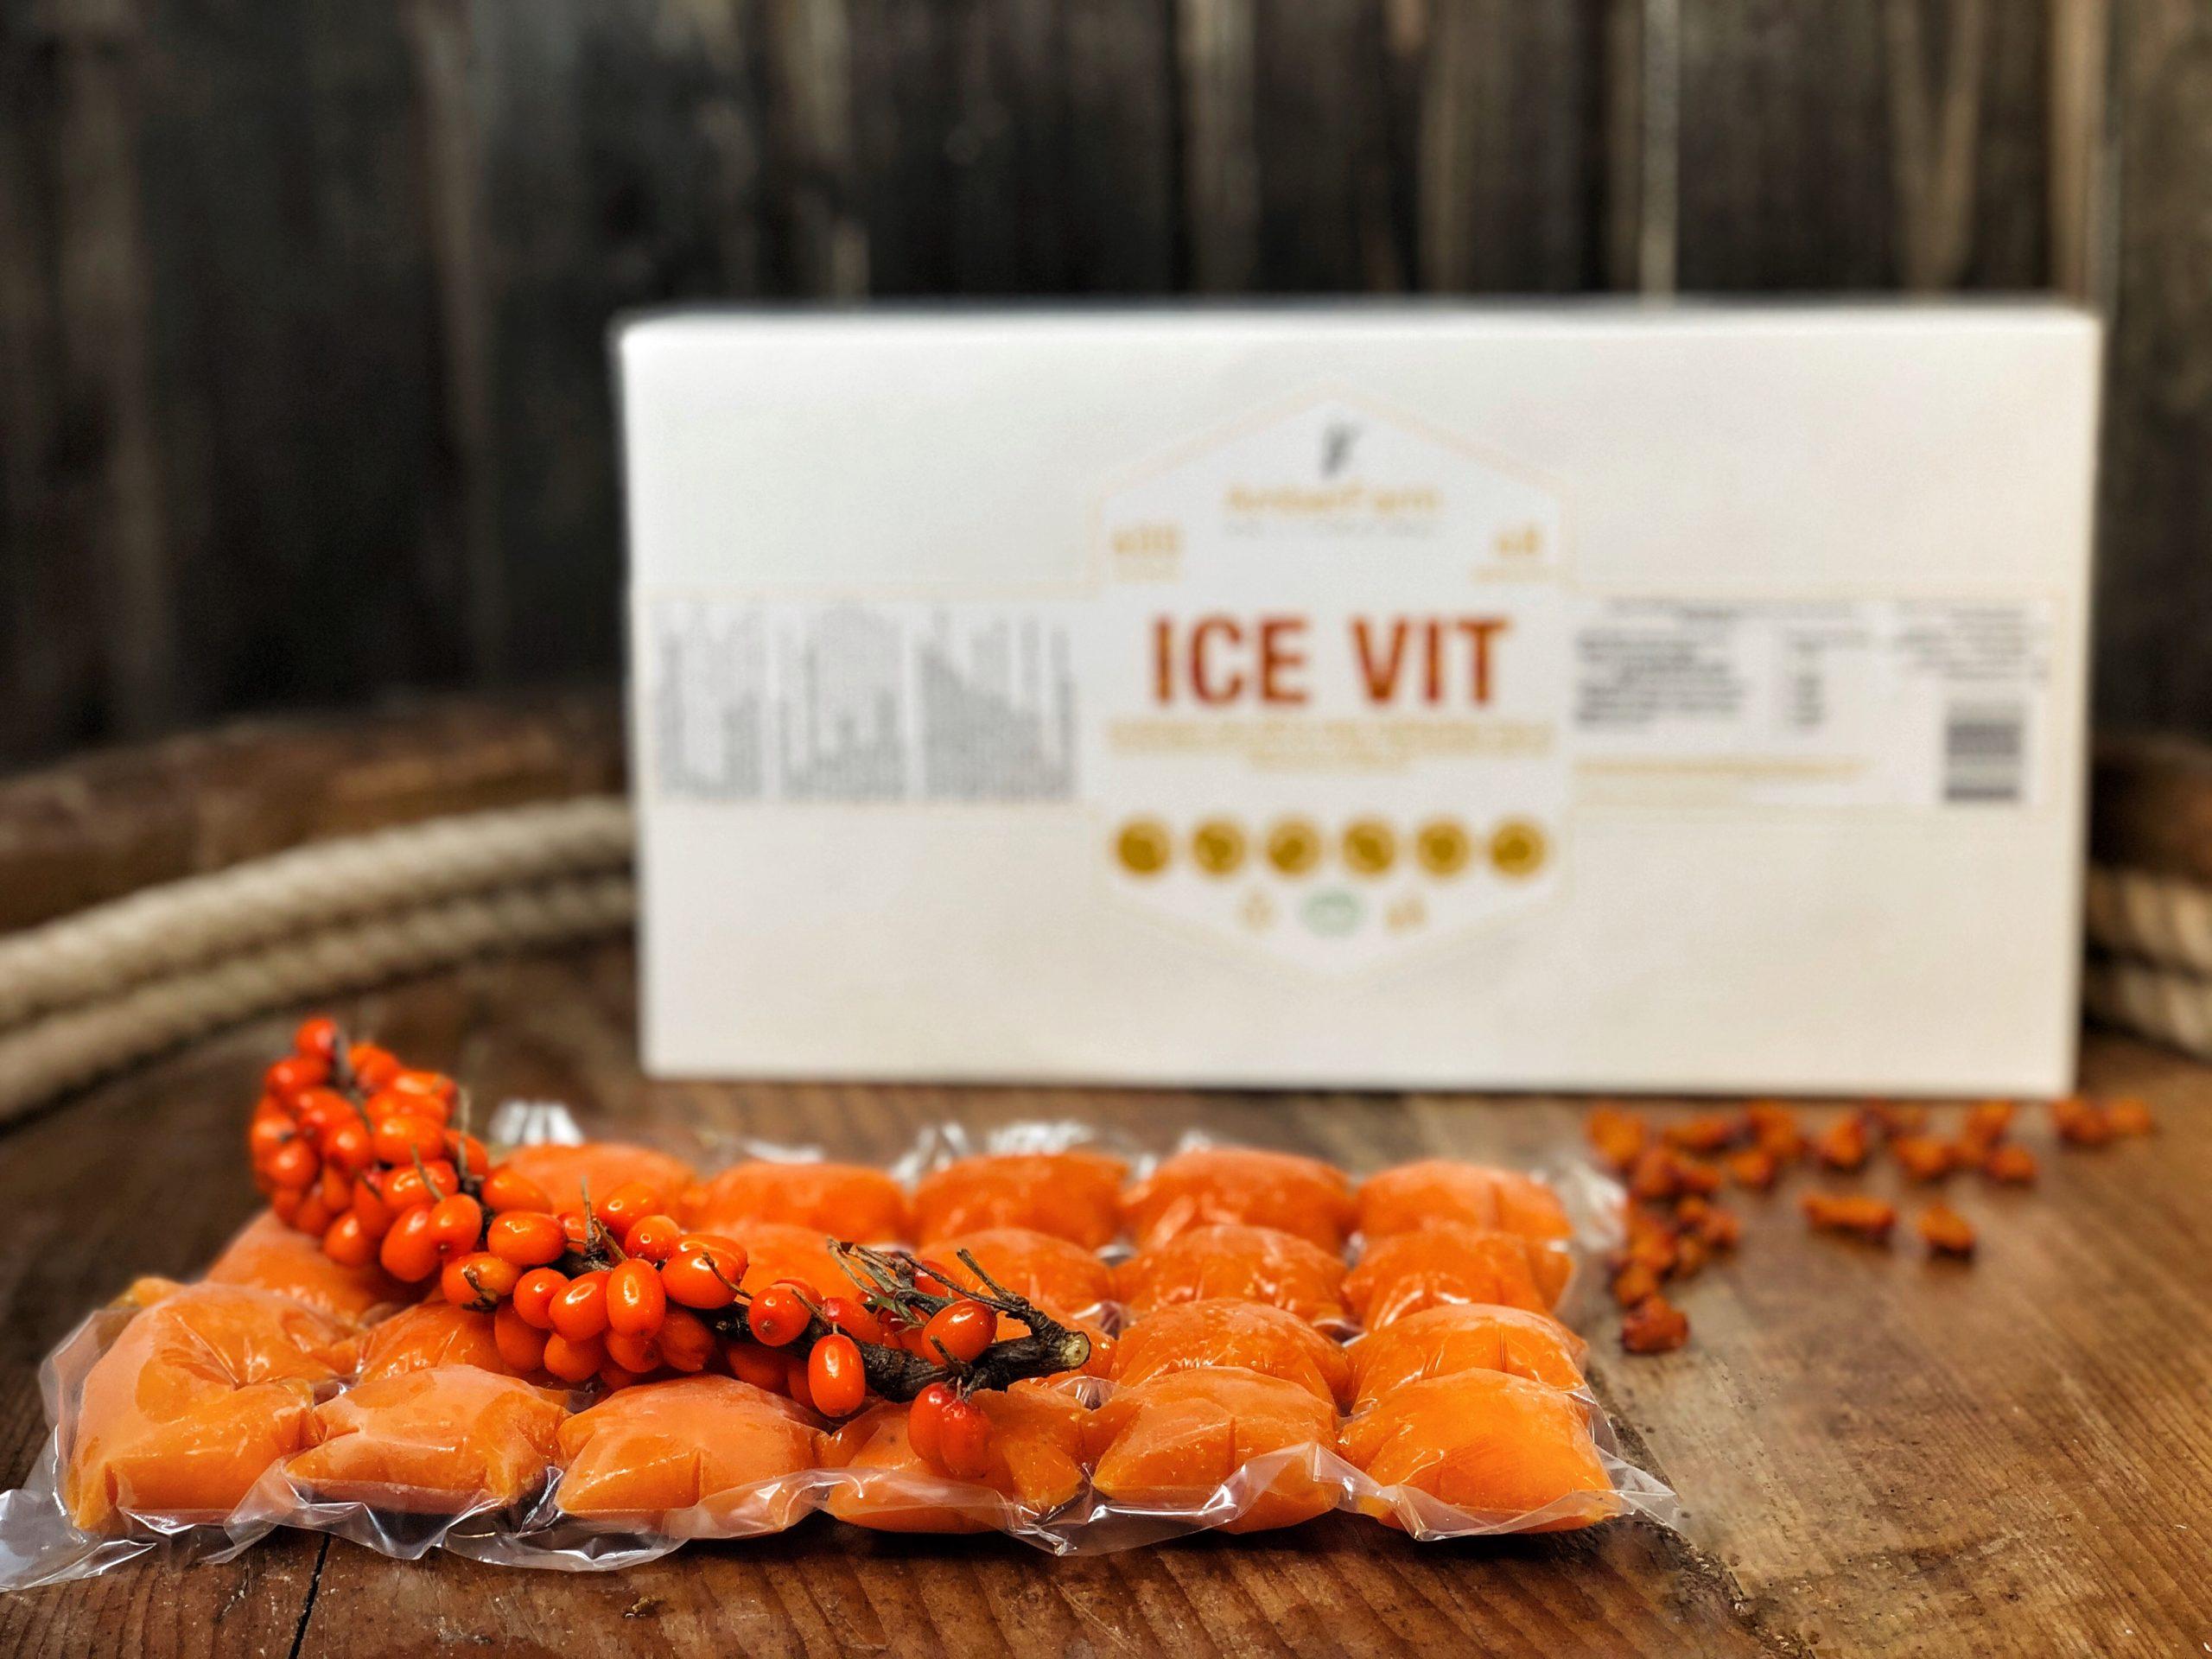 ICE VIT saldēta smiltsērkšķu sula